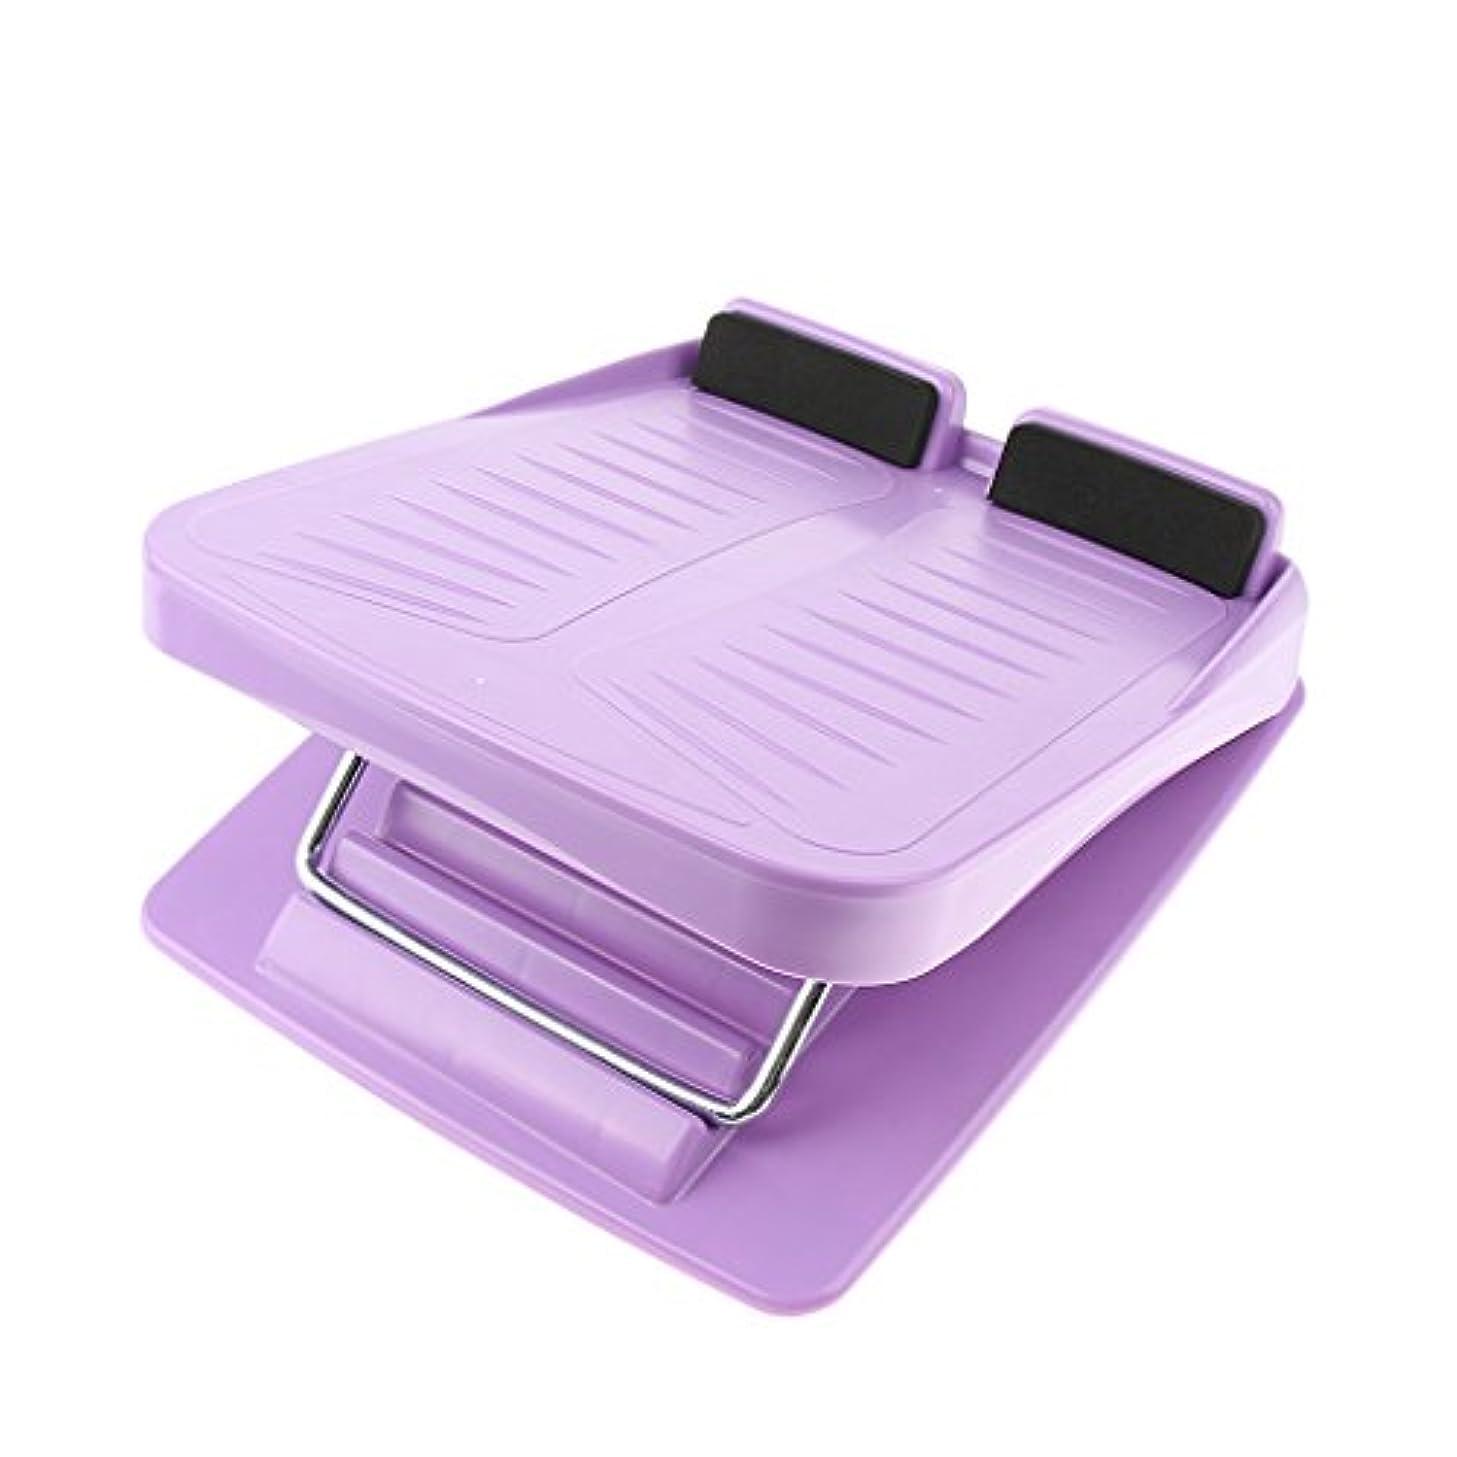 動的許可数学的な3色 スラントボード アンチスリップ 調整可能 カーフストレッチ 斜面ボード ウェッジストレッチャー - 紫の